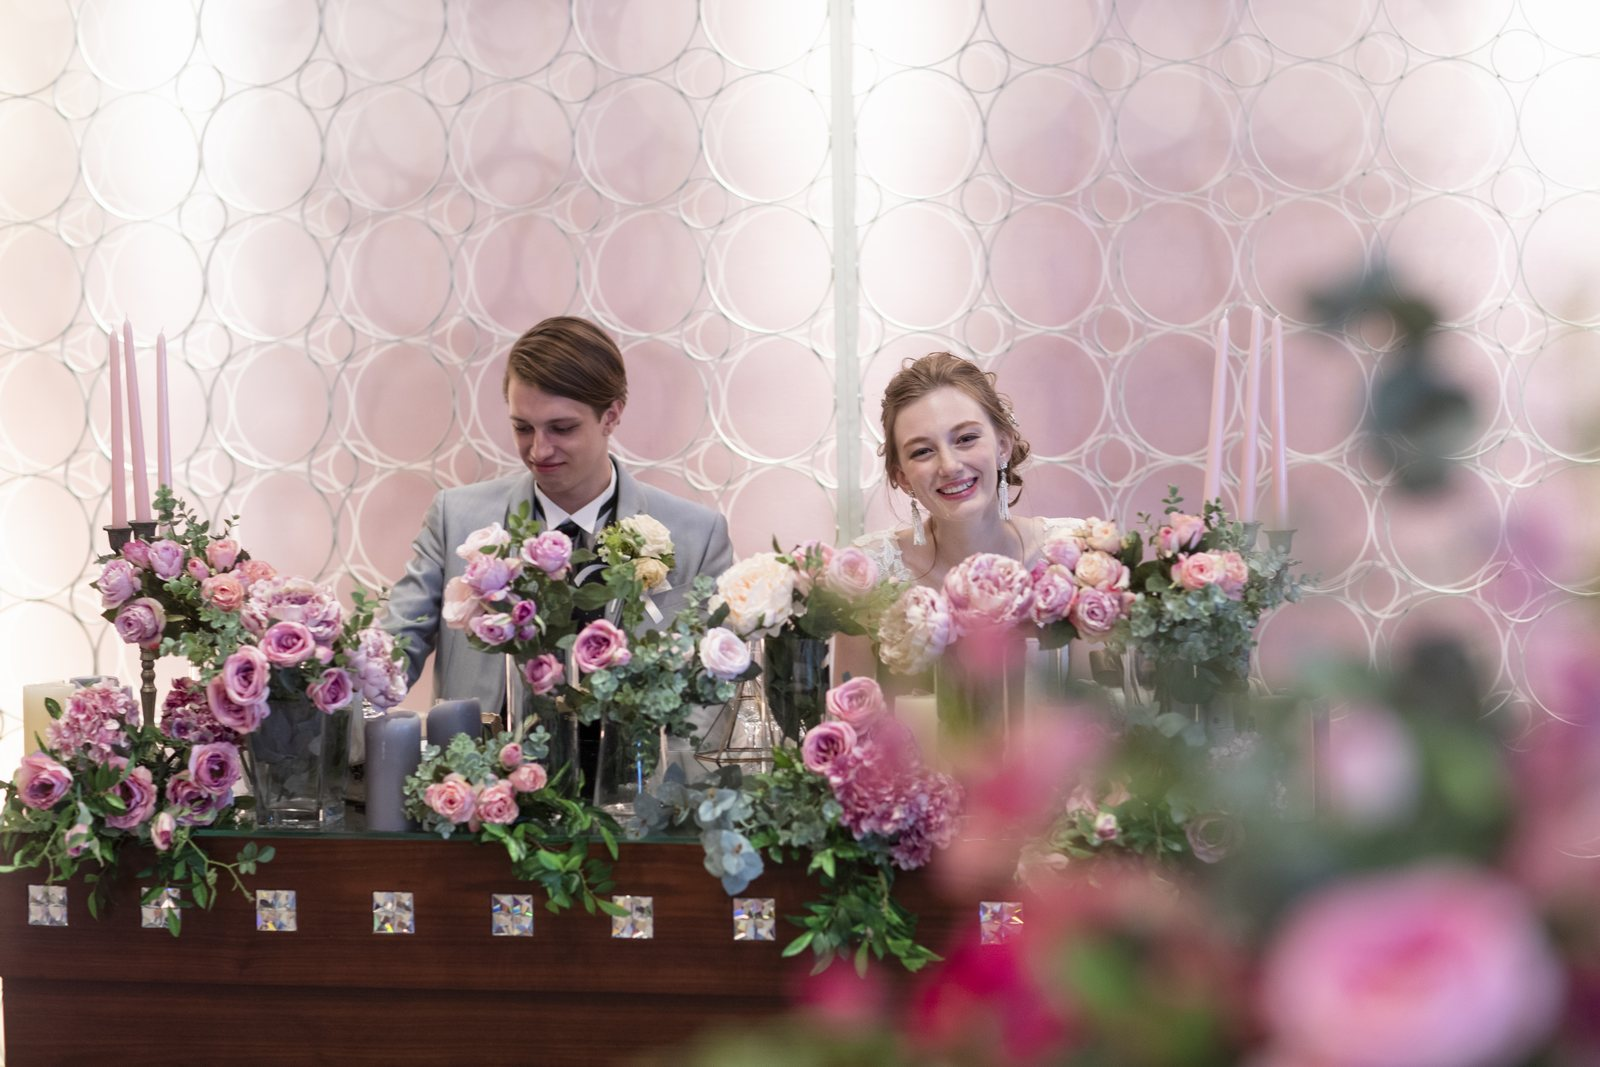 香川県の結婚式場シェルエメールのスイートLのテーブルコーディネート